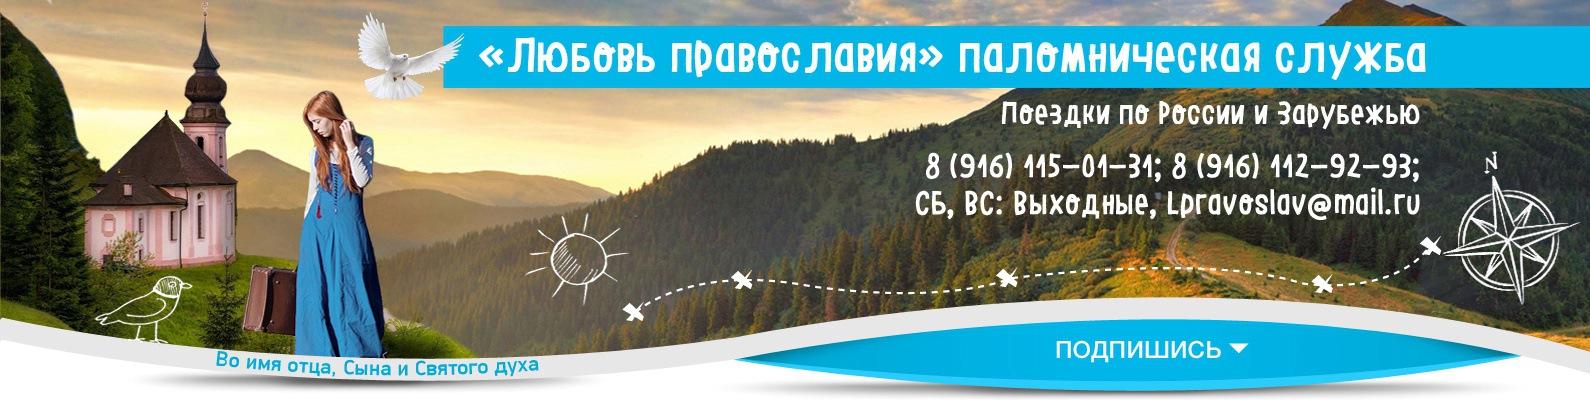 Подать объявление в сельскую правду новоспасского района работа в воронеже окей свежие вакансии